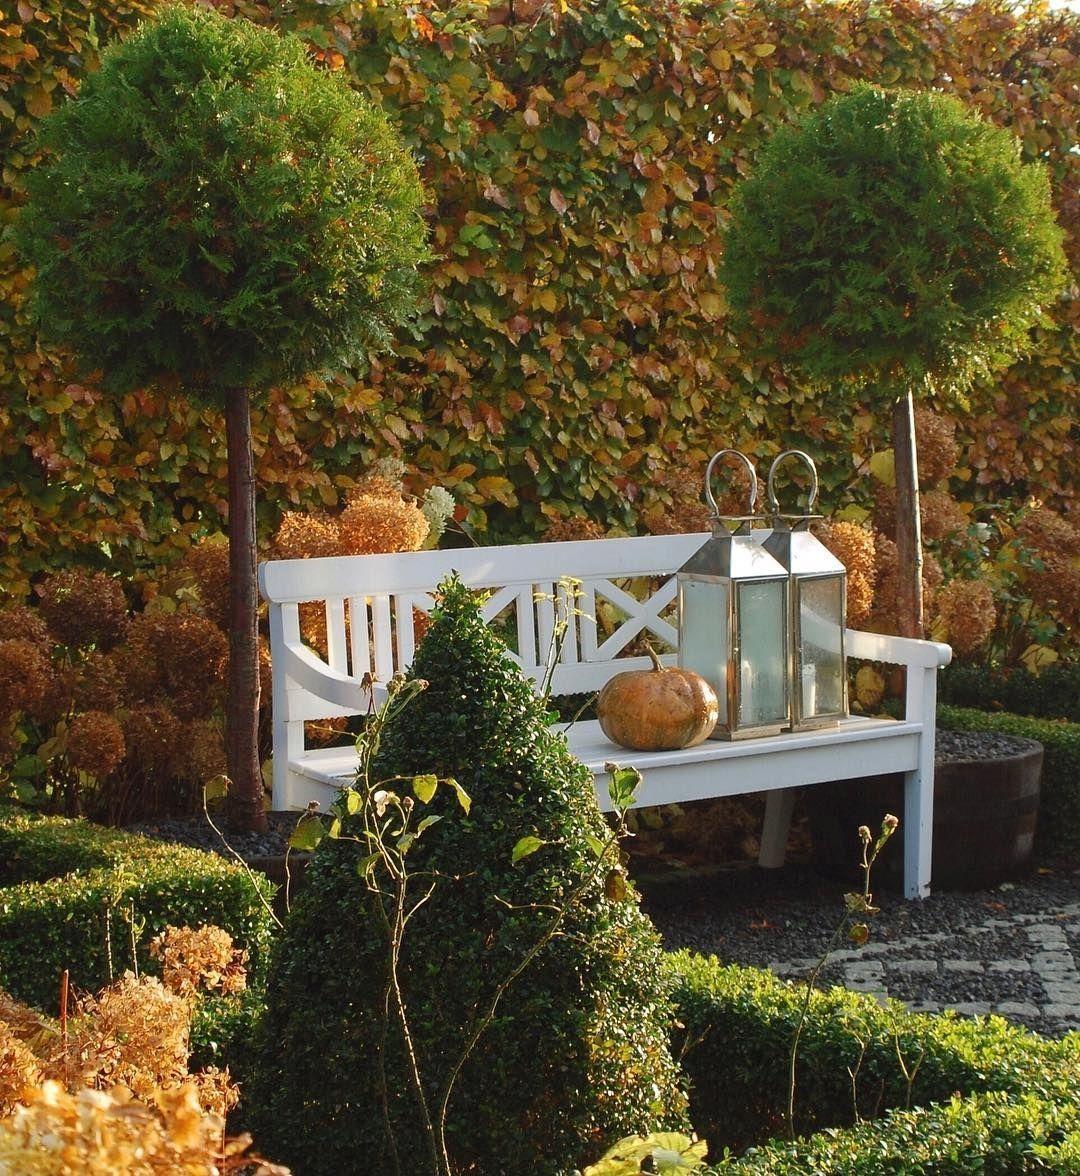 Autumn Colors In The Garden . From @gncgarden #gardenning #gardenninglife  #garden #